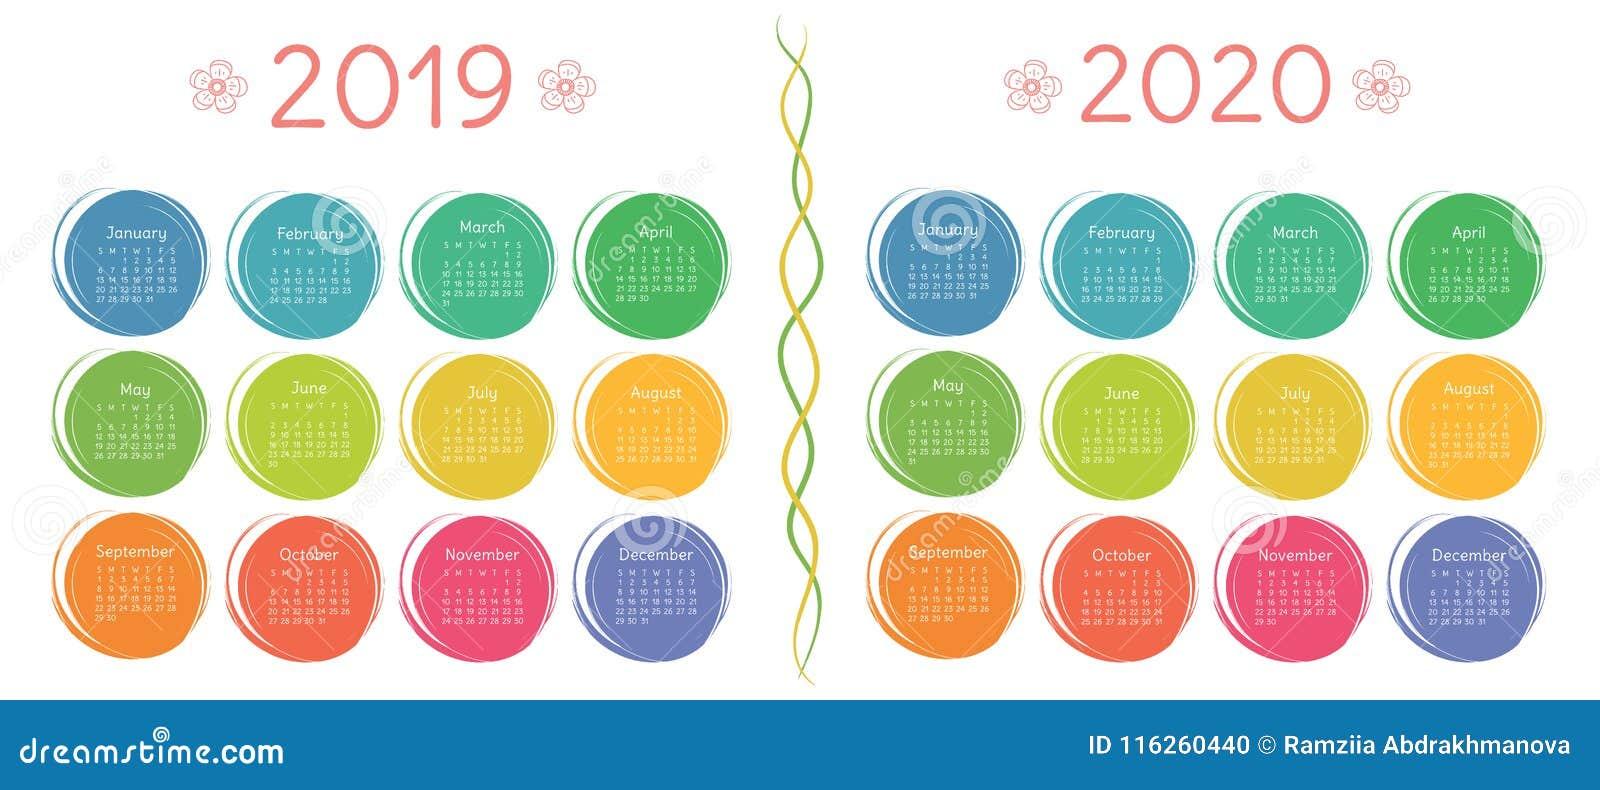 Calendario 2019, Plantilla De 2020 Diseños Color, Niños, Divertidos ...